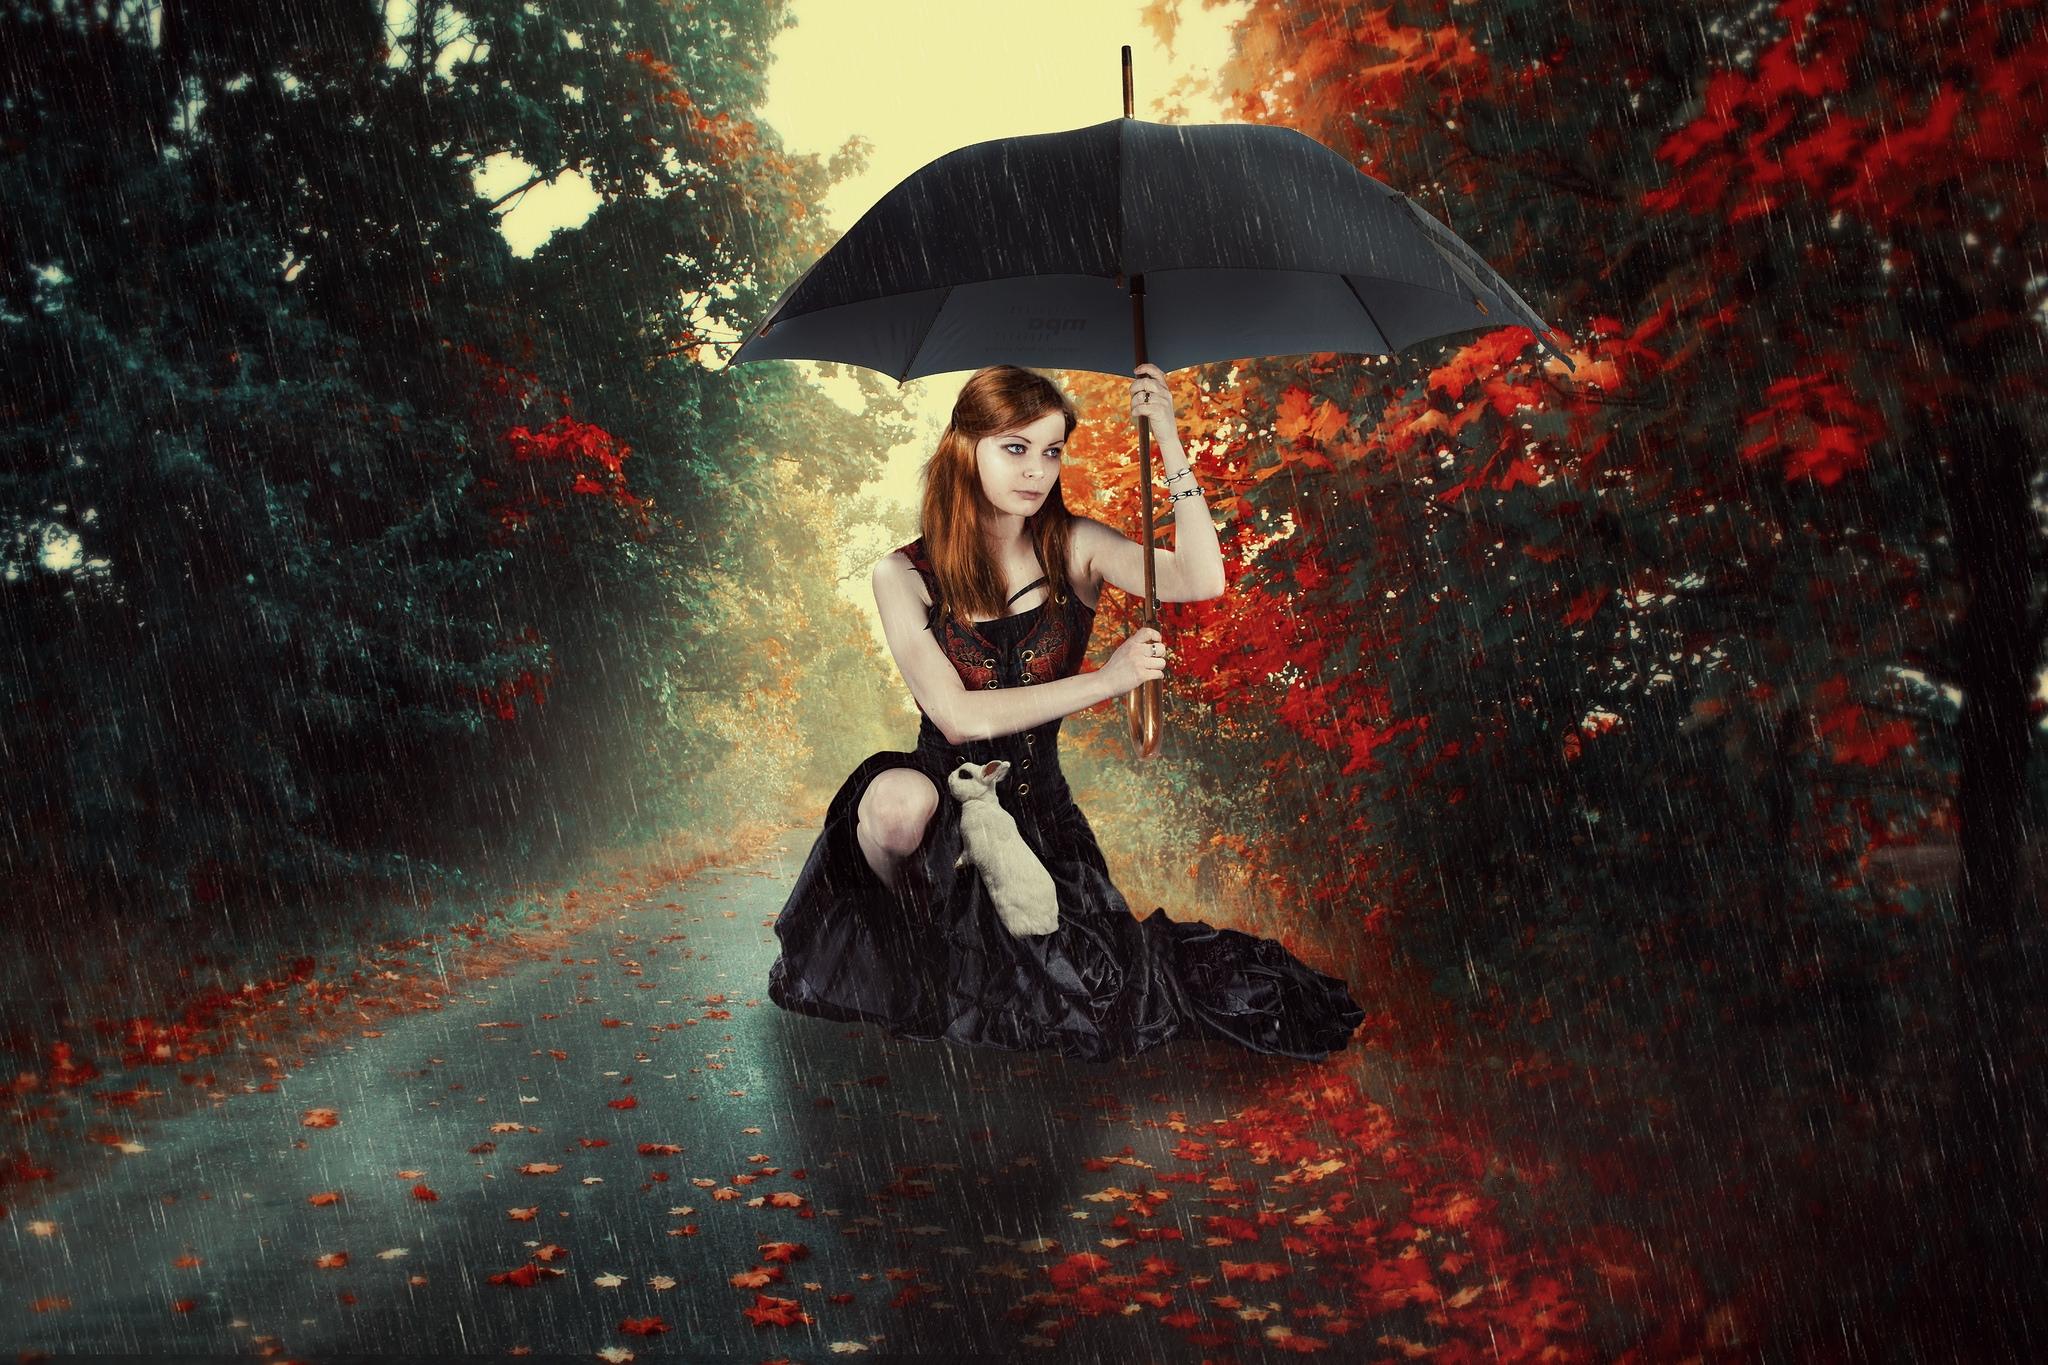 девушка под зонтом, девушка, осень